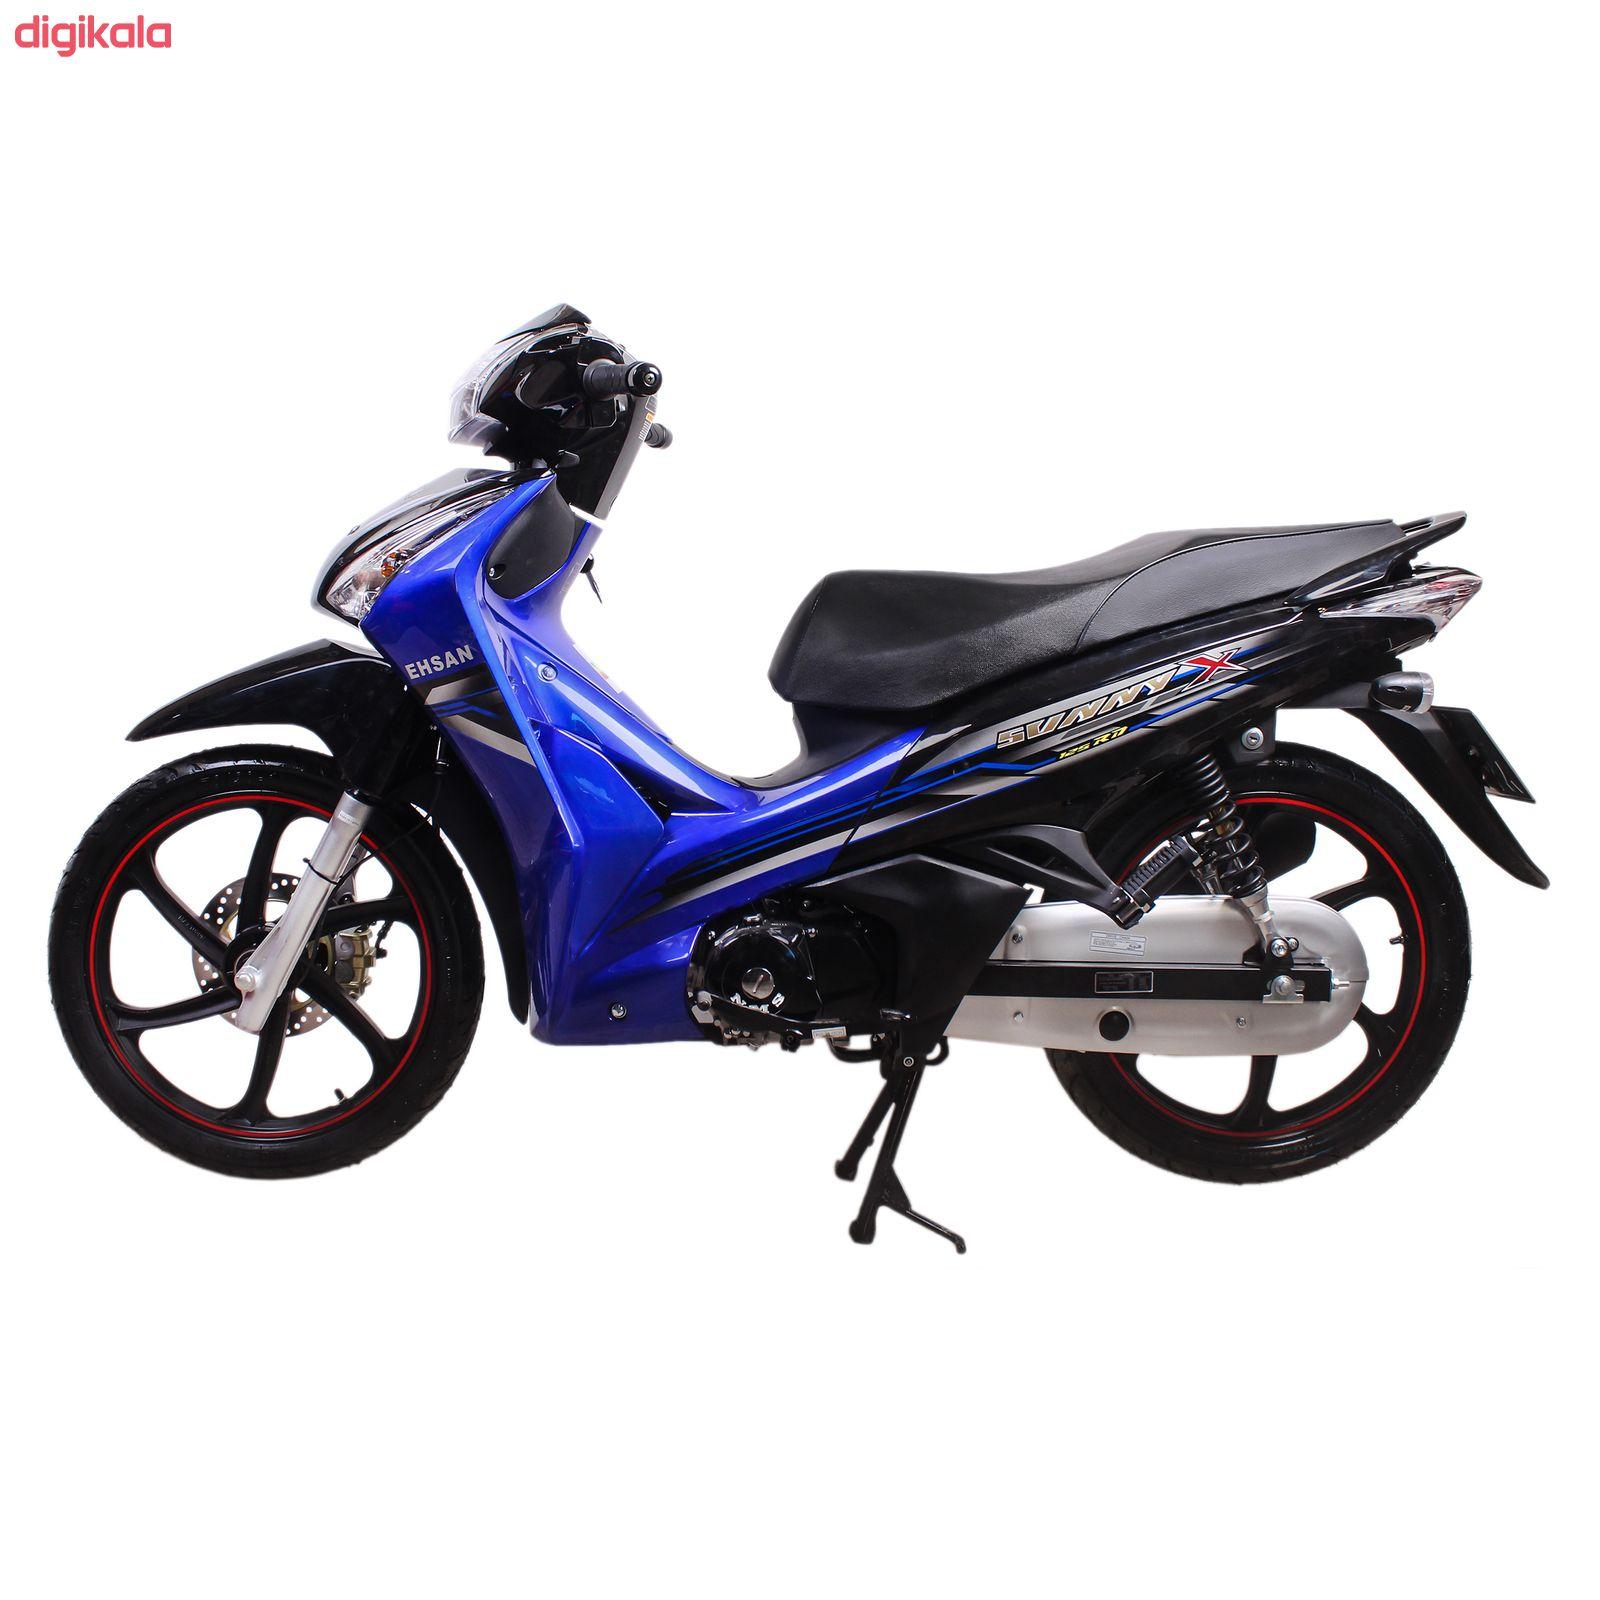 موتورسیکلت احسان مدل آر دی 125 سی سی سال 1399 main 1 2